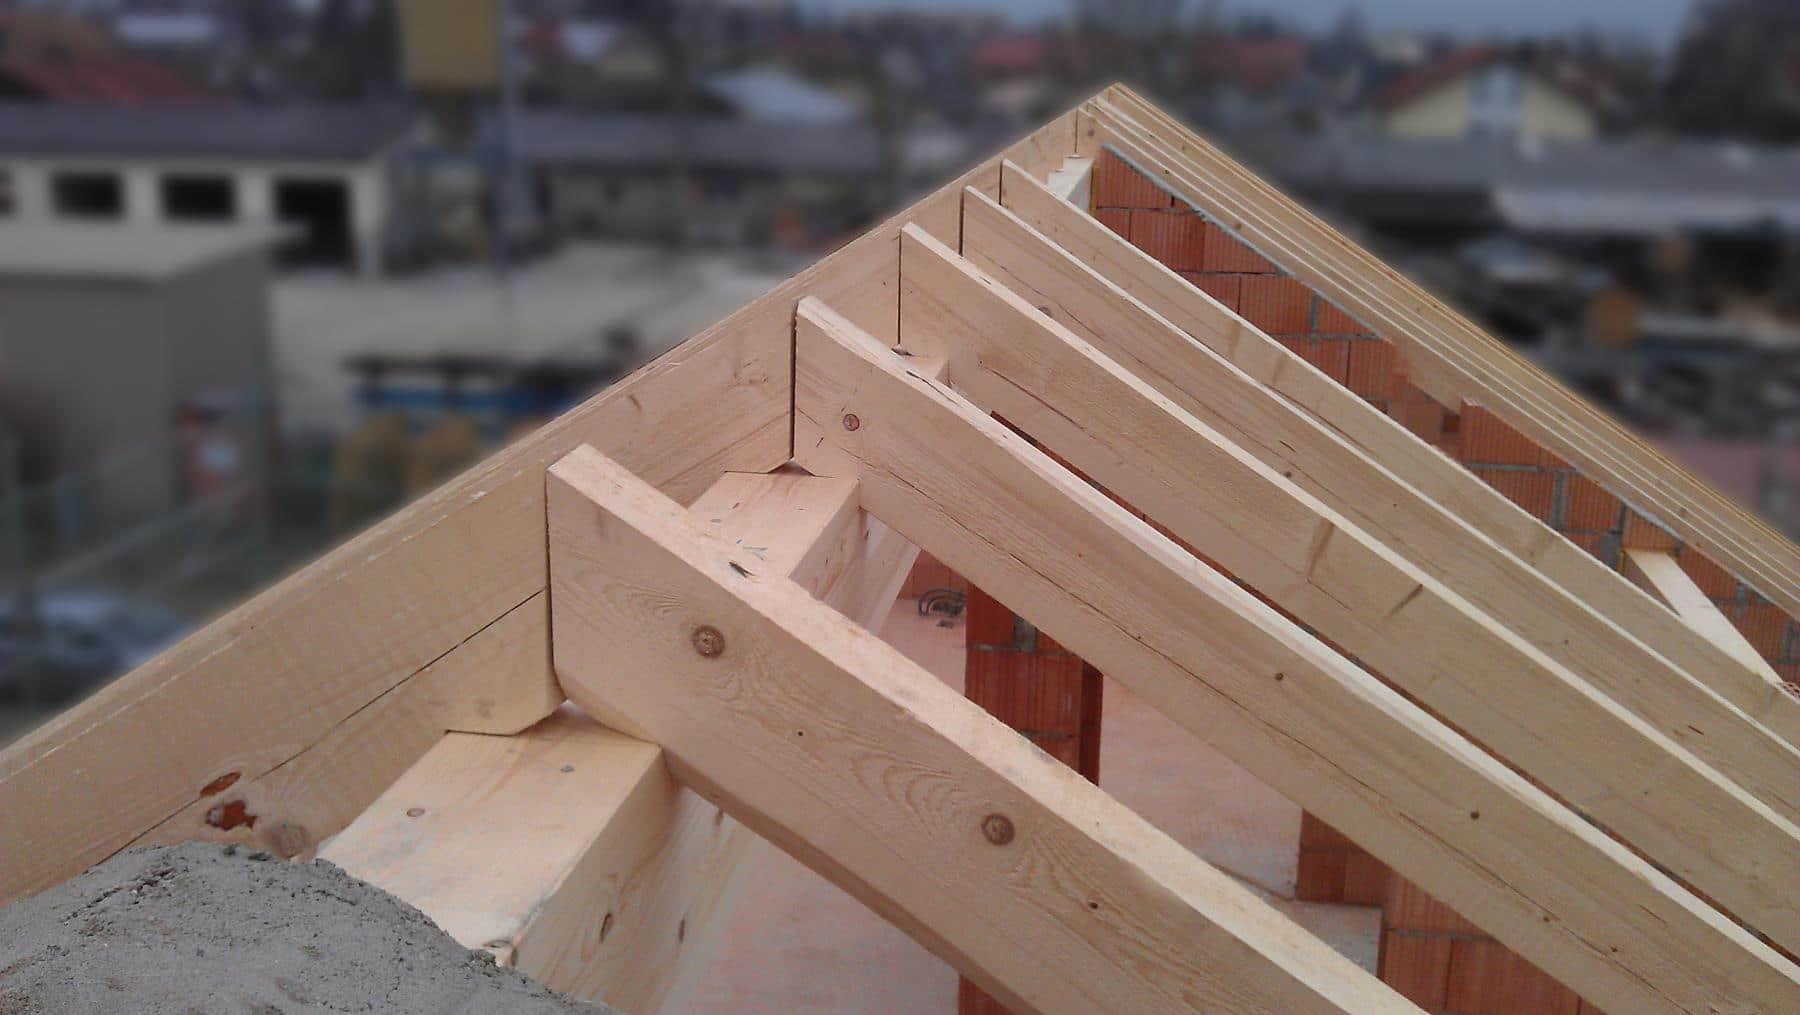 Charpente en kit en sapin choix 2 sur une maison en maçonnerie traditionnelle.